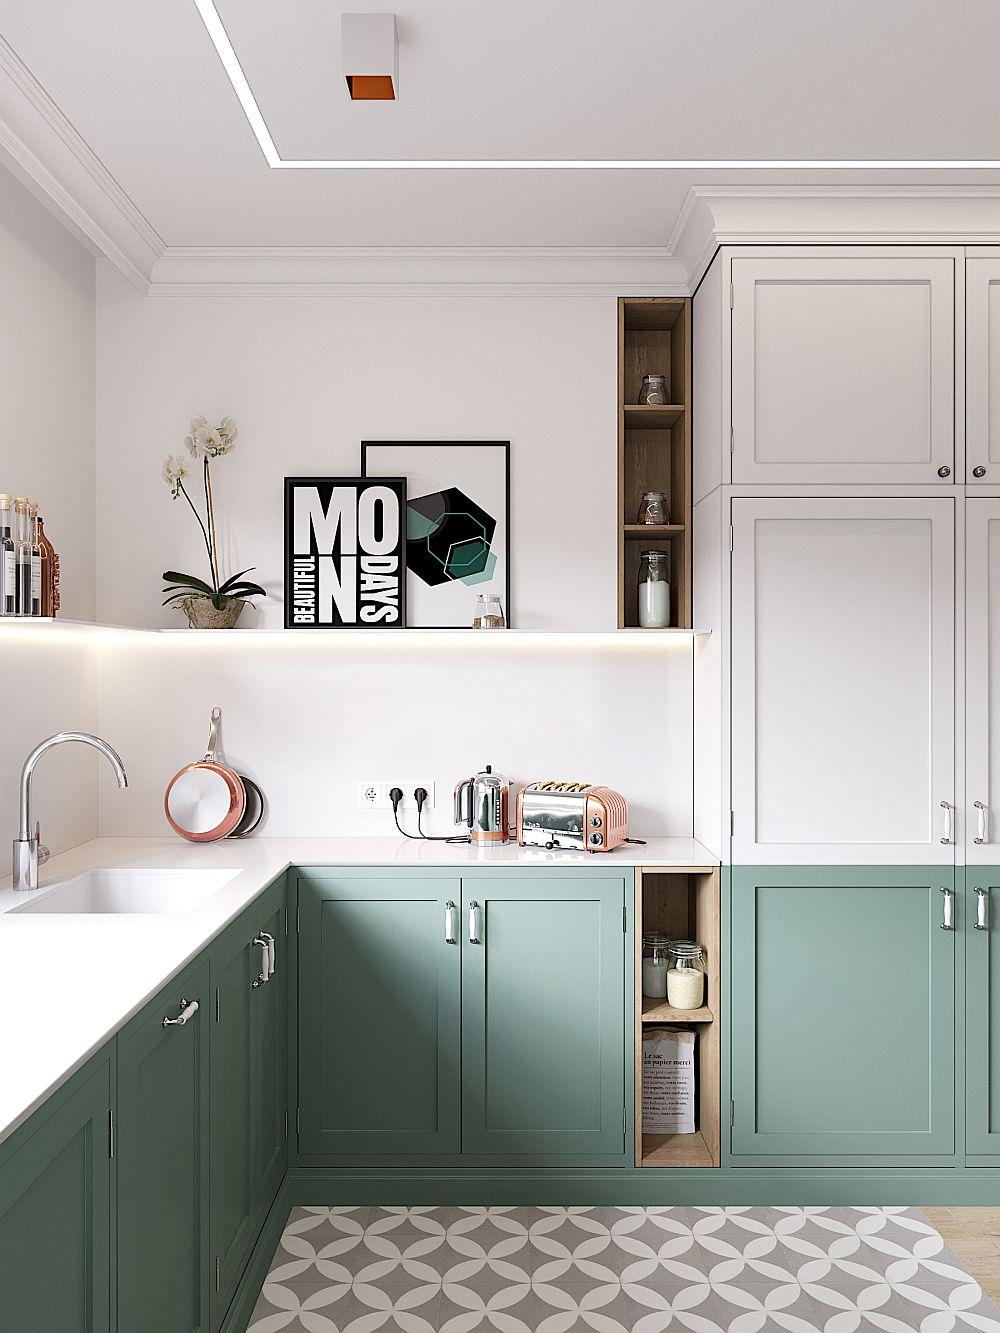 Bucătăria are un blat generos, configurat în U, dar prevăzut în aceeași nuanță albă ca și placarea pereților din zonele sensibile. În loc de corpuri suspendate sunt prevăzute rafturi, motiv de decorare pentru un spațiu în care coexistă funcțiunile, deci o aplanare a caracterului tehnic al bucătăriei.